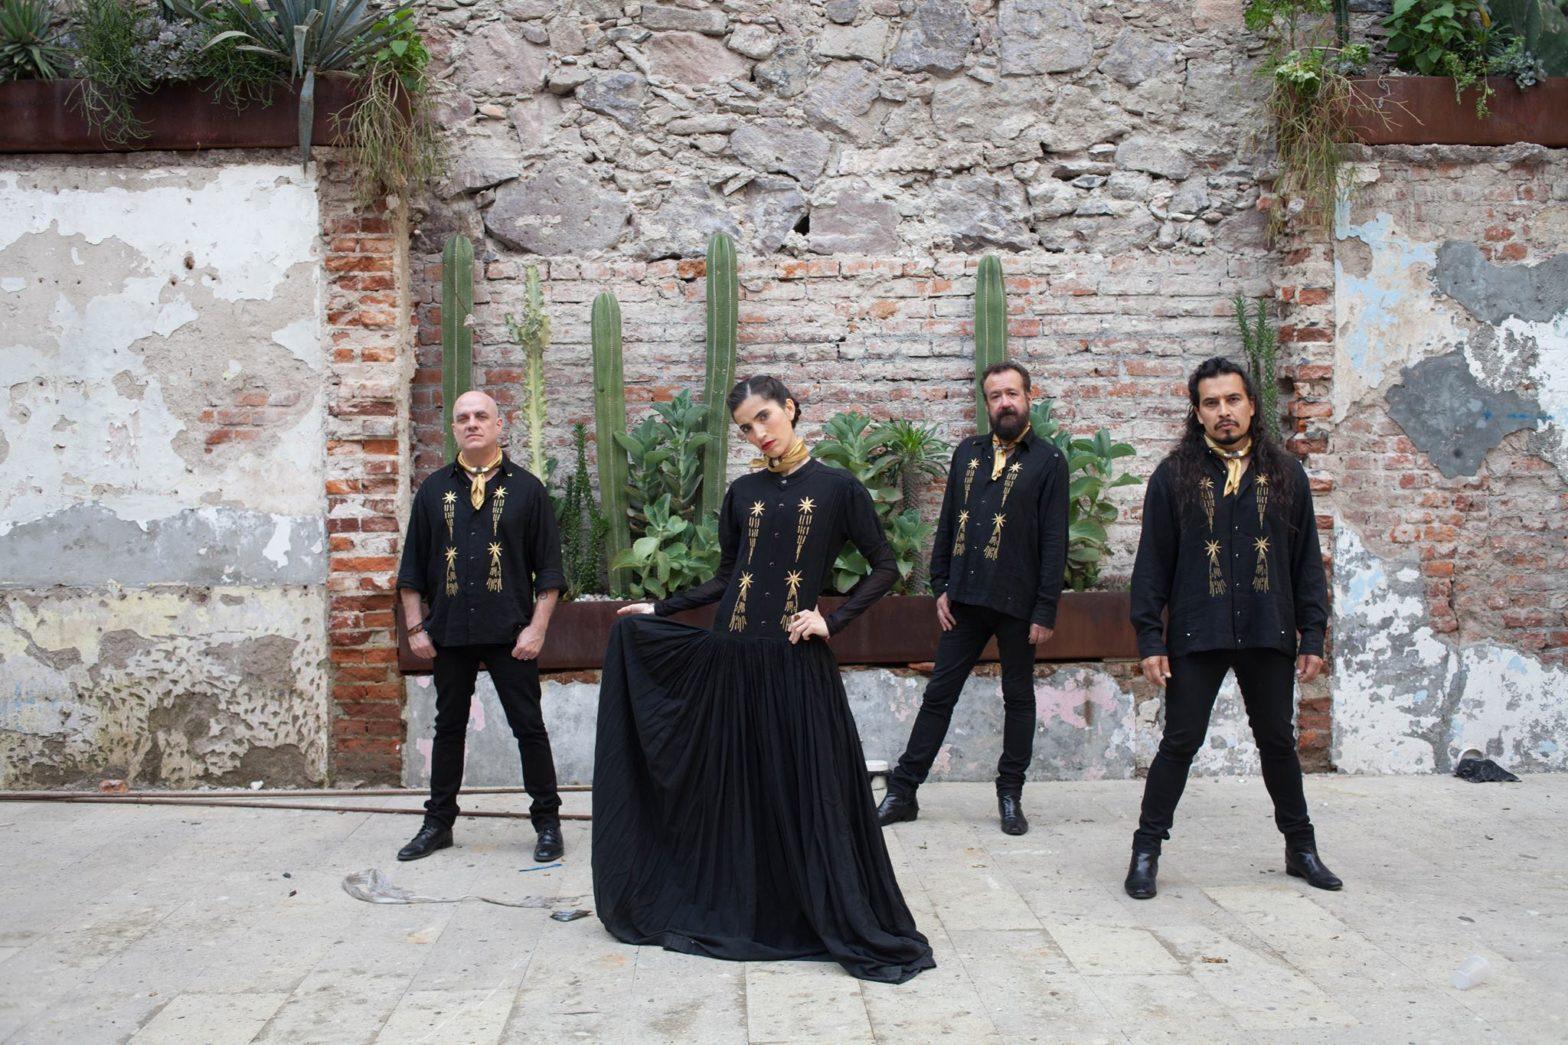 Iñaki, Sofi, Cha! y Elohim, de izquierda a derecha